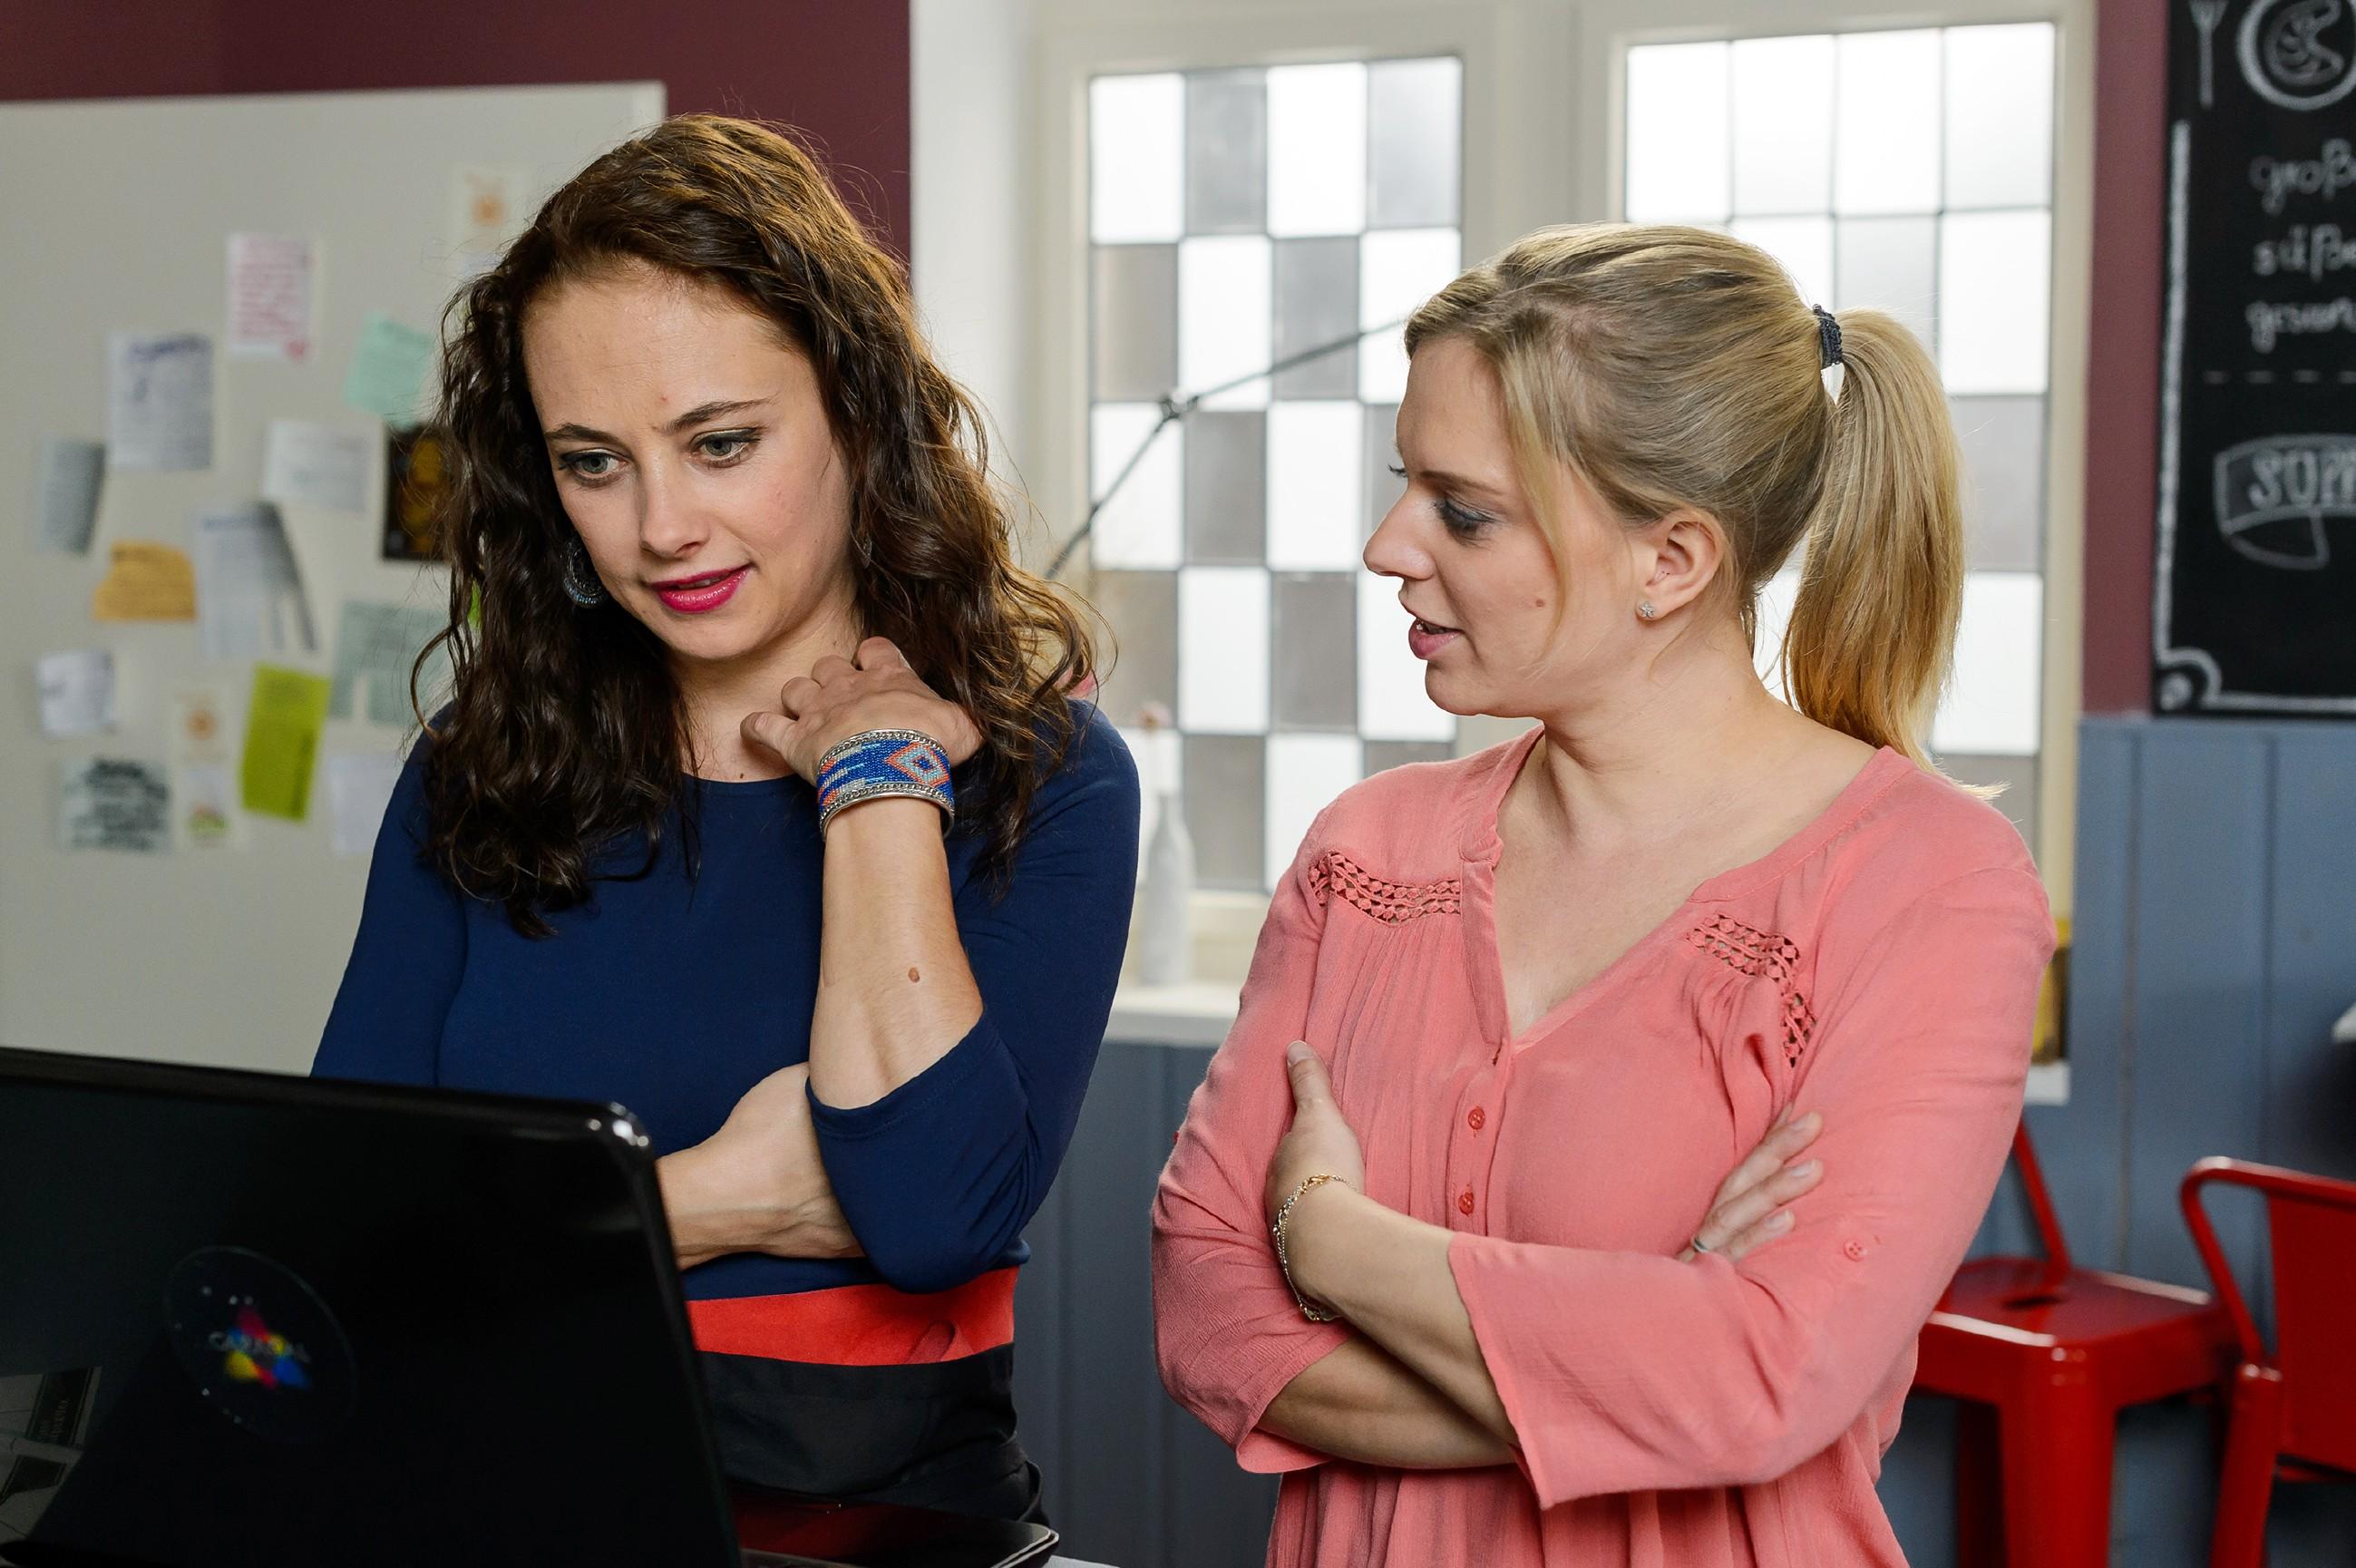 Carmen (Heike Warmuth, l.) hofft gegenüber Lena (Juliette Greco), dass Richard und Simone wieder zueinander finden. (Quelle: RTL / Willi Weber)